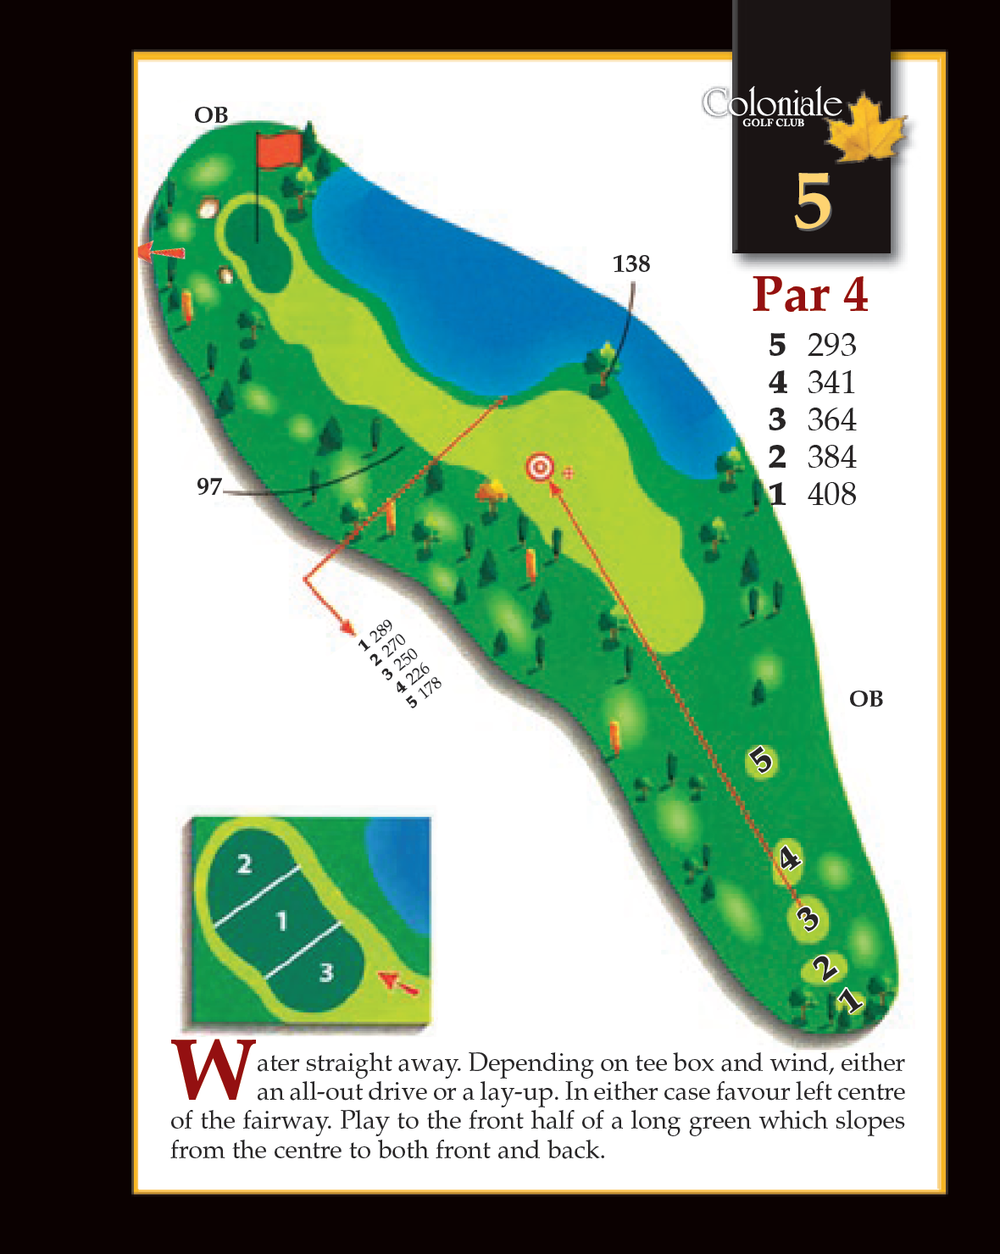 Coloniale Golf Scorecard Edmonton Beaumont - Hole 5